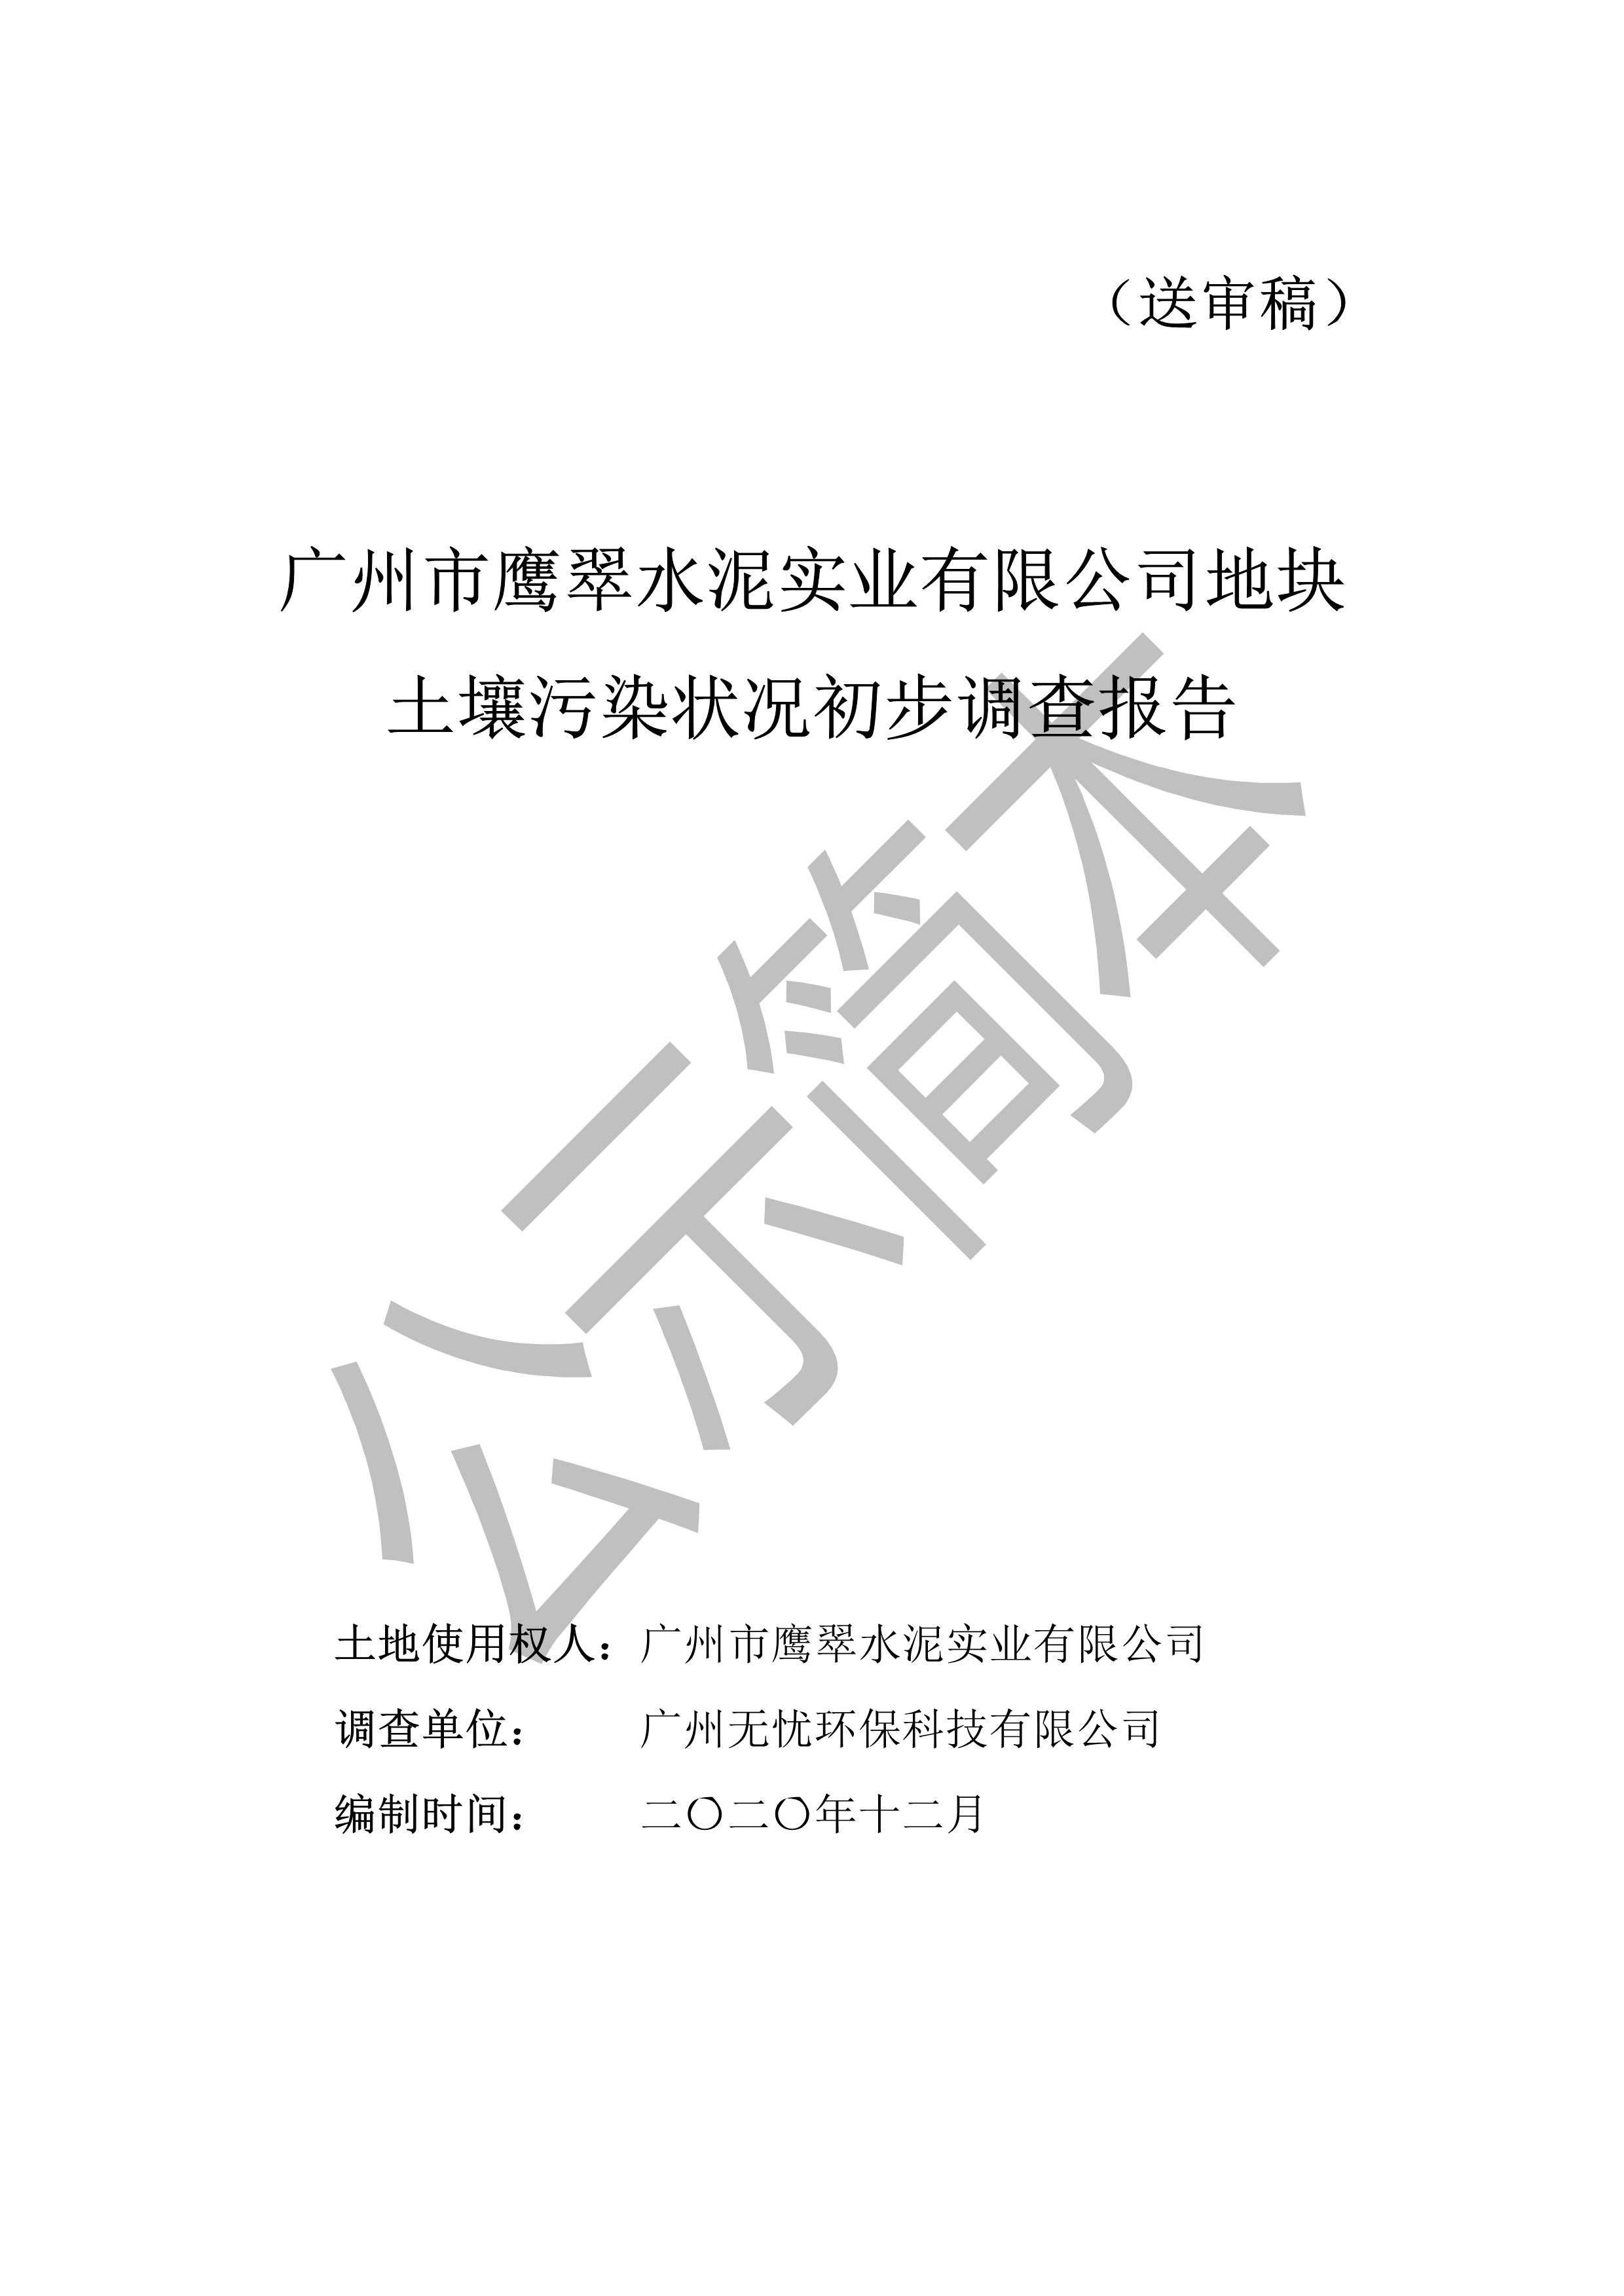 广州市鹰翠水泥实业有限公司地块土壤污染状况初步调查报告(公示简本)_1.png